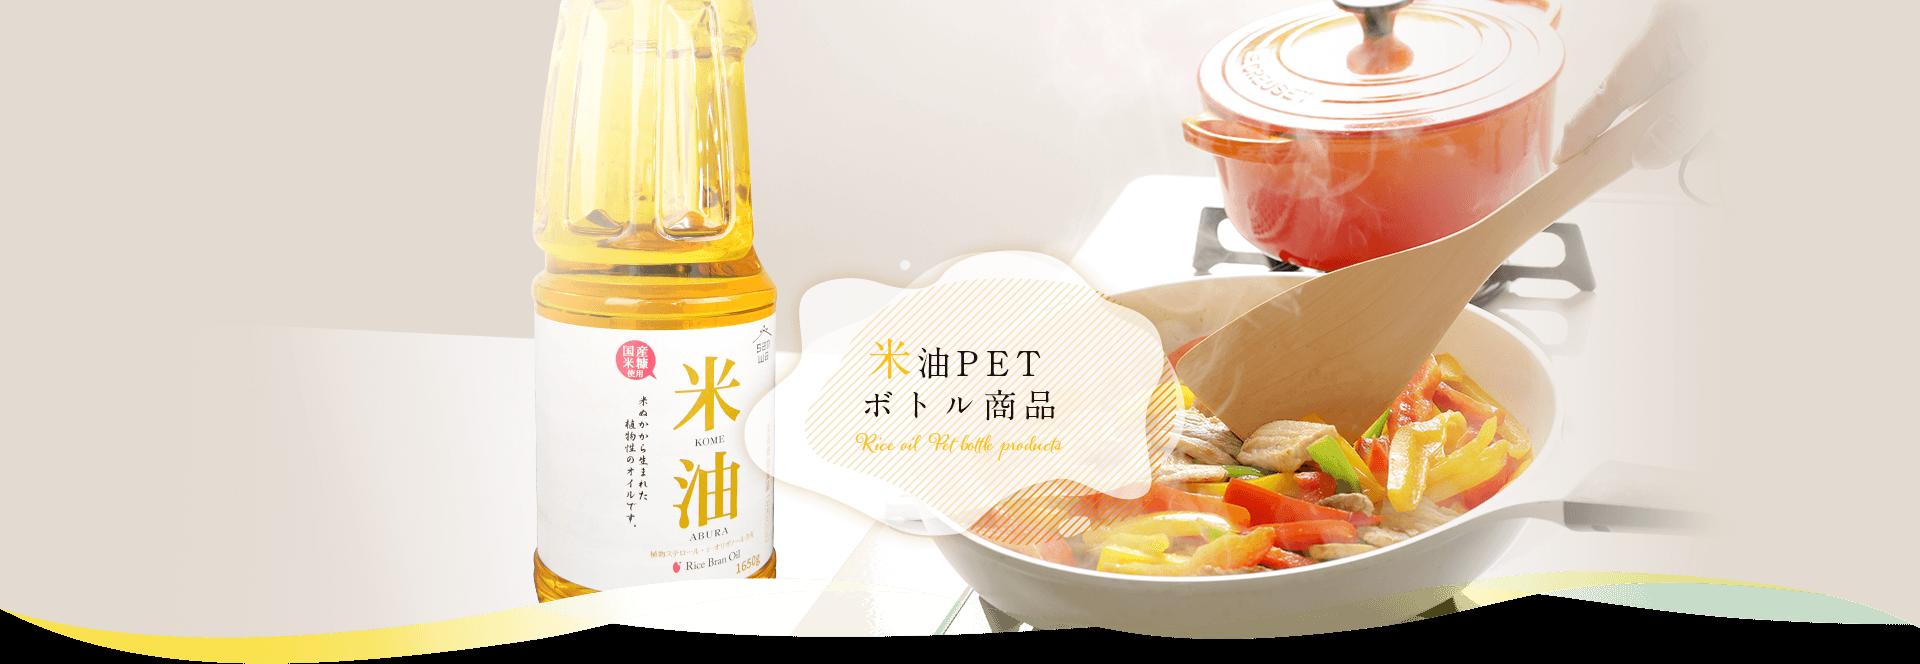 家庭用こめ油商品 米油から健康的に【三和油脂株式会社】